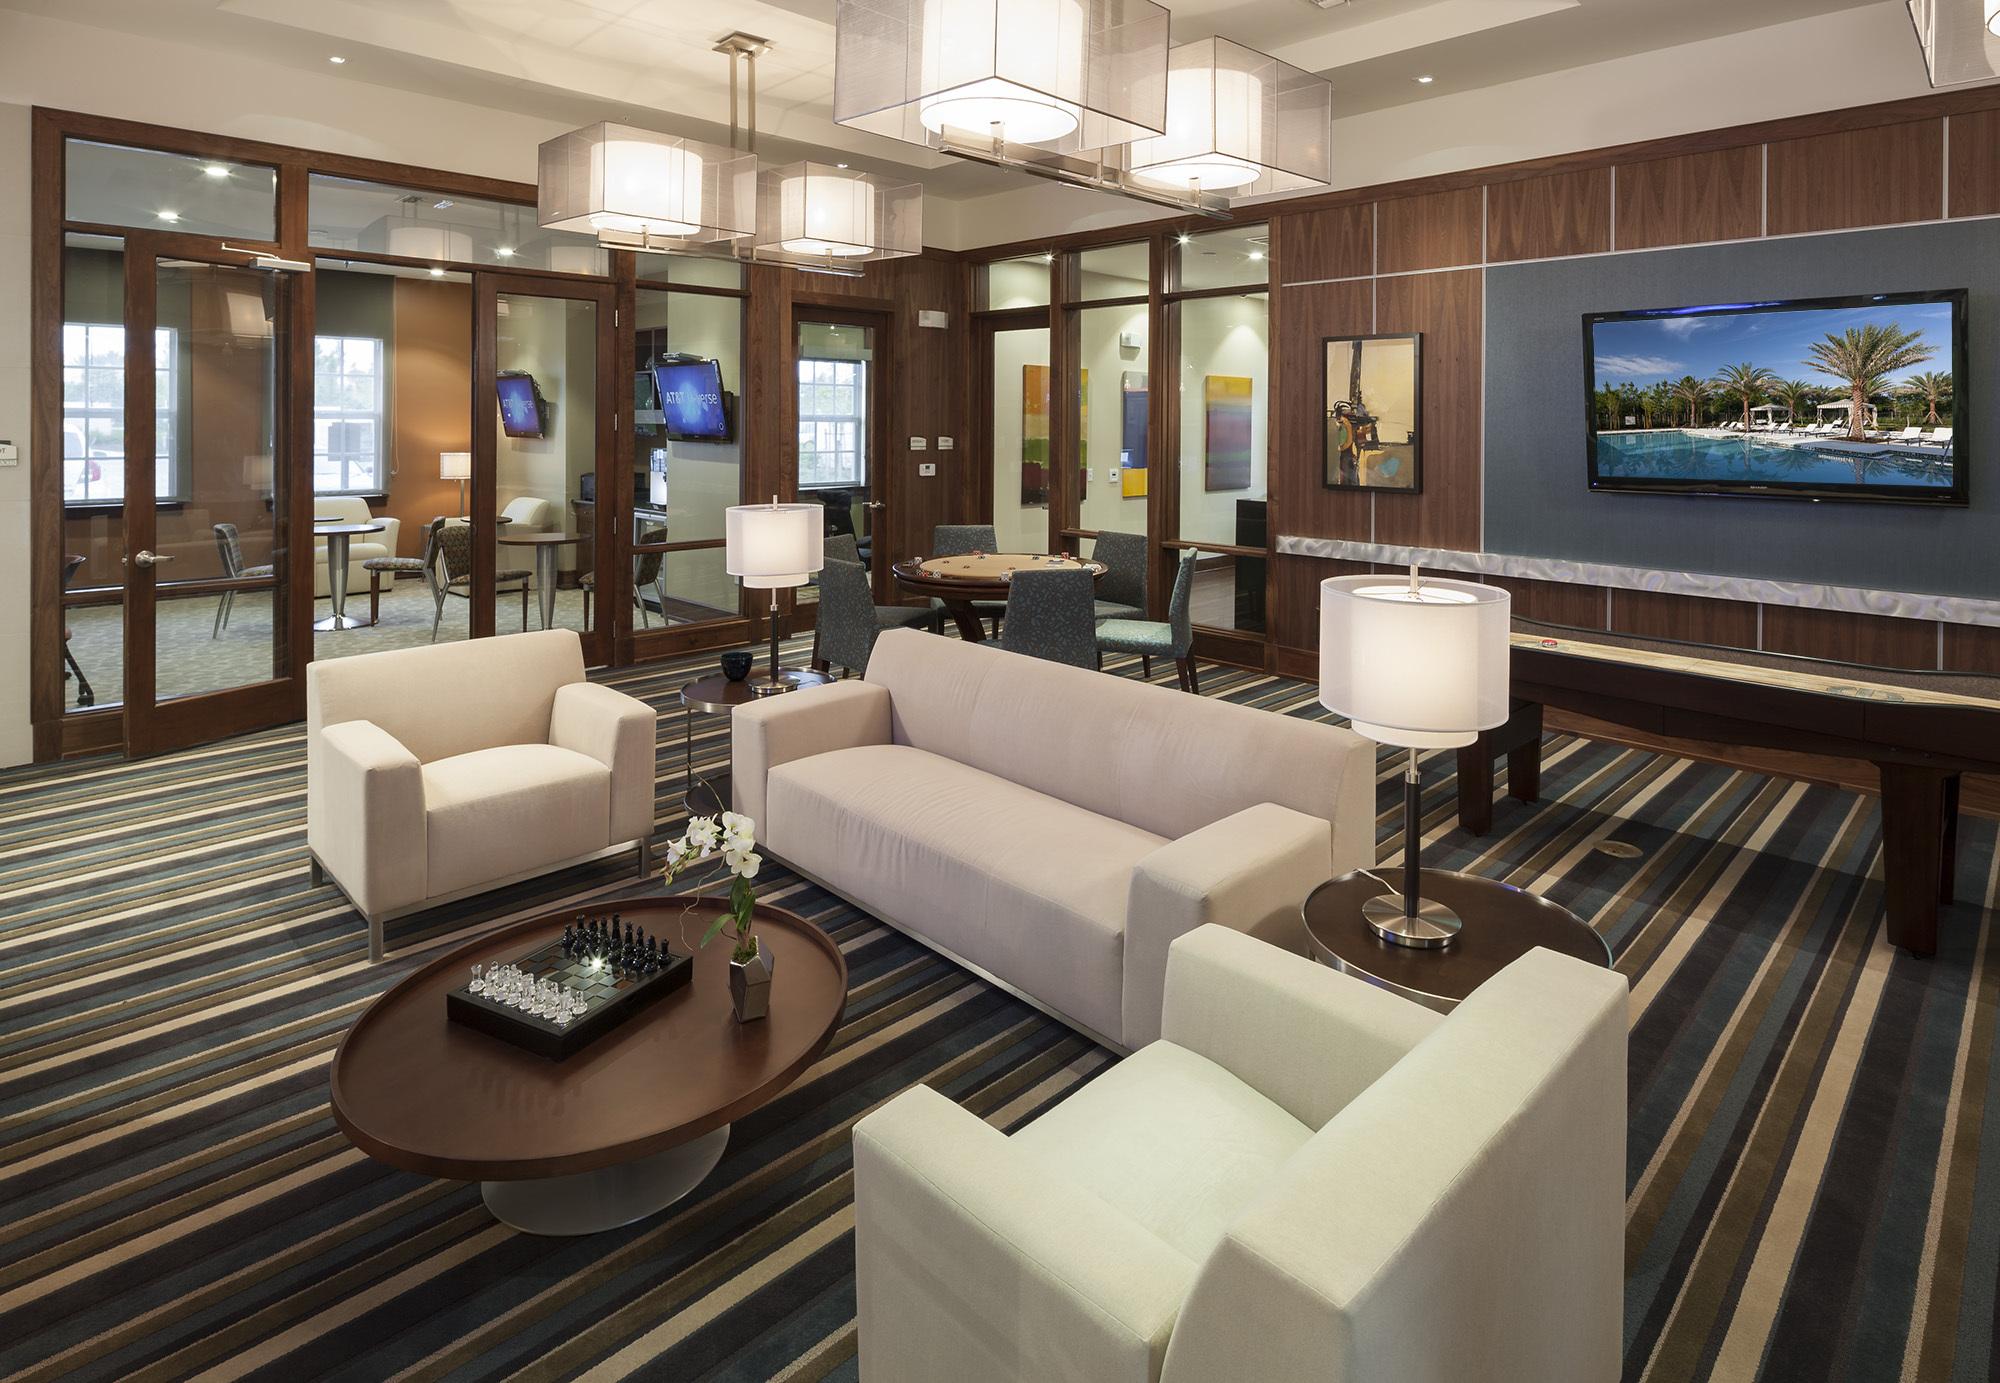 Bainbridge Bethesda Bainbridge Apartments